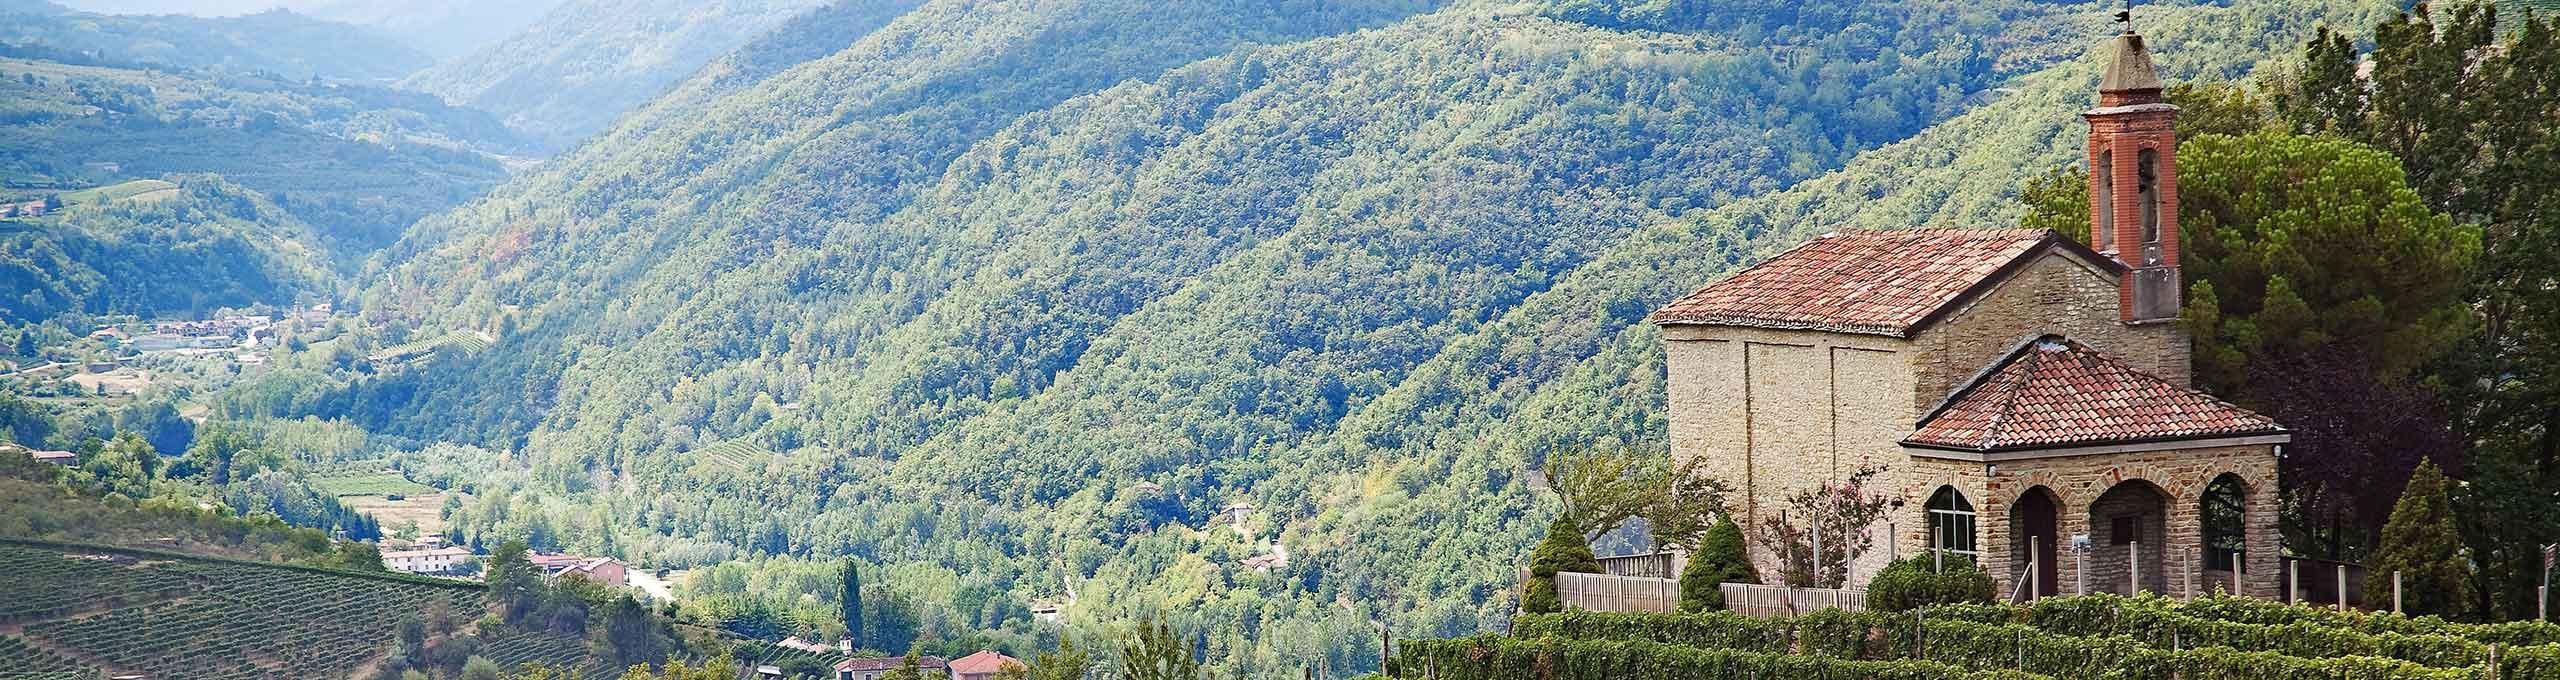 Cossano Belbo, zona alta delle Langhe